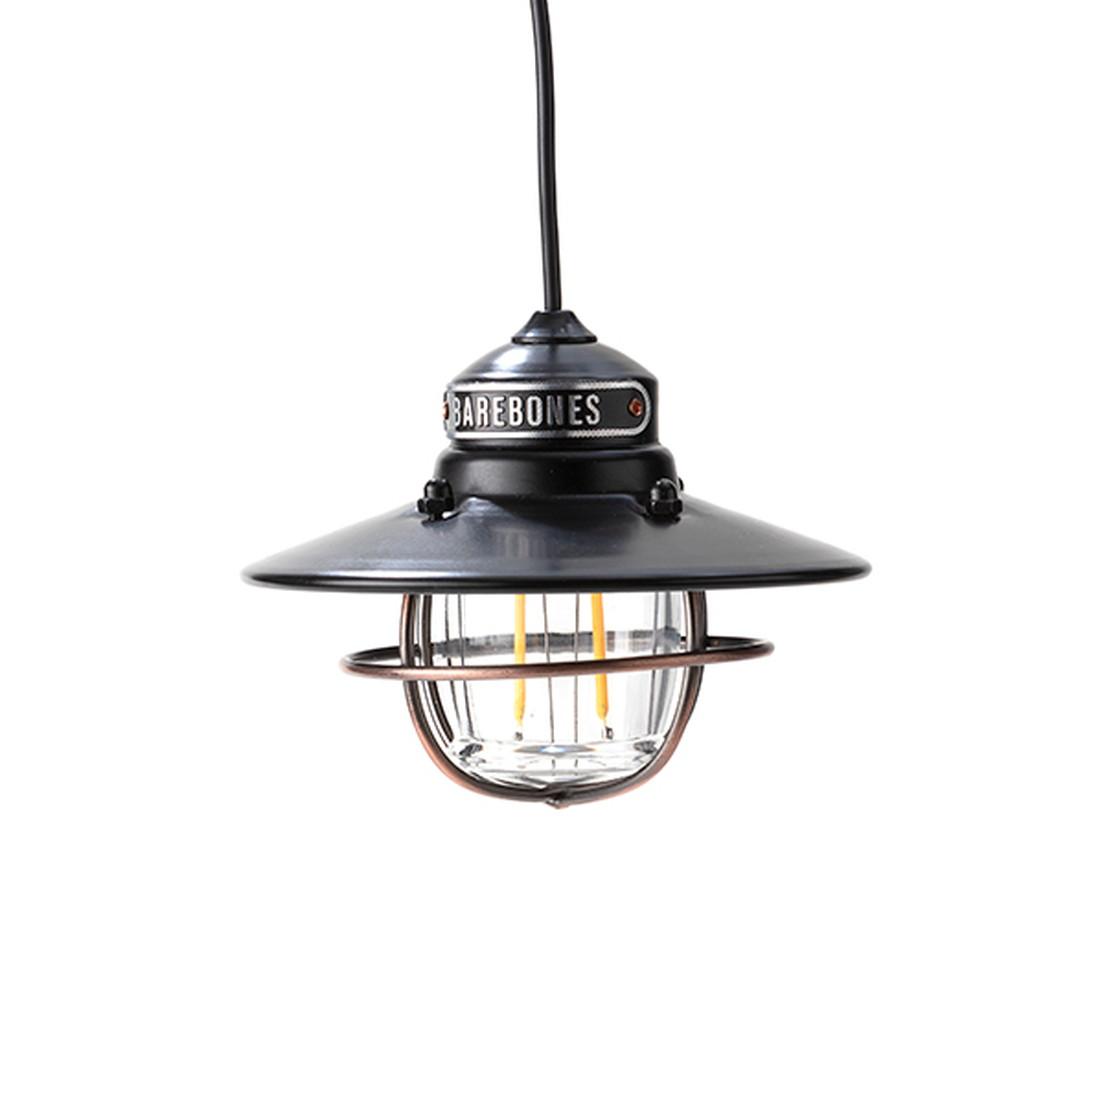 ベアボーンズ リビング エジソンペンダントライト LED ランタン  国内正規品